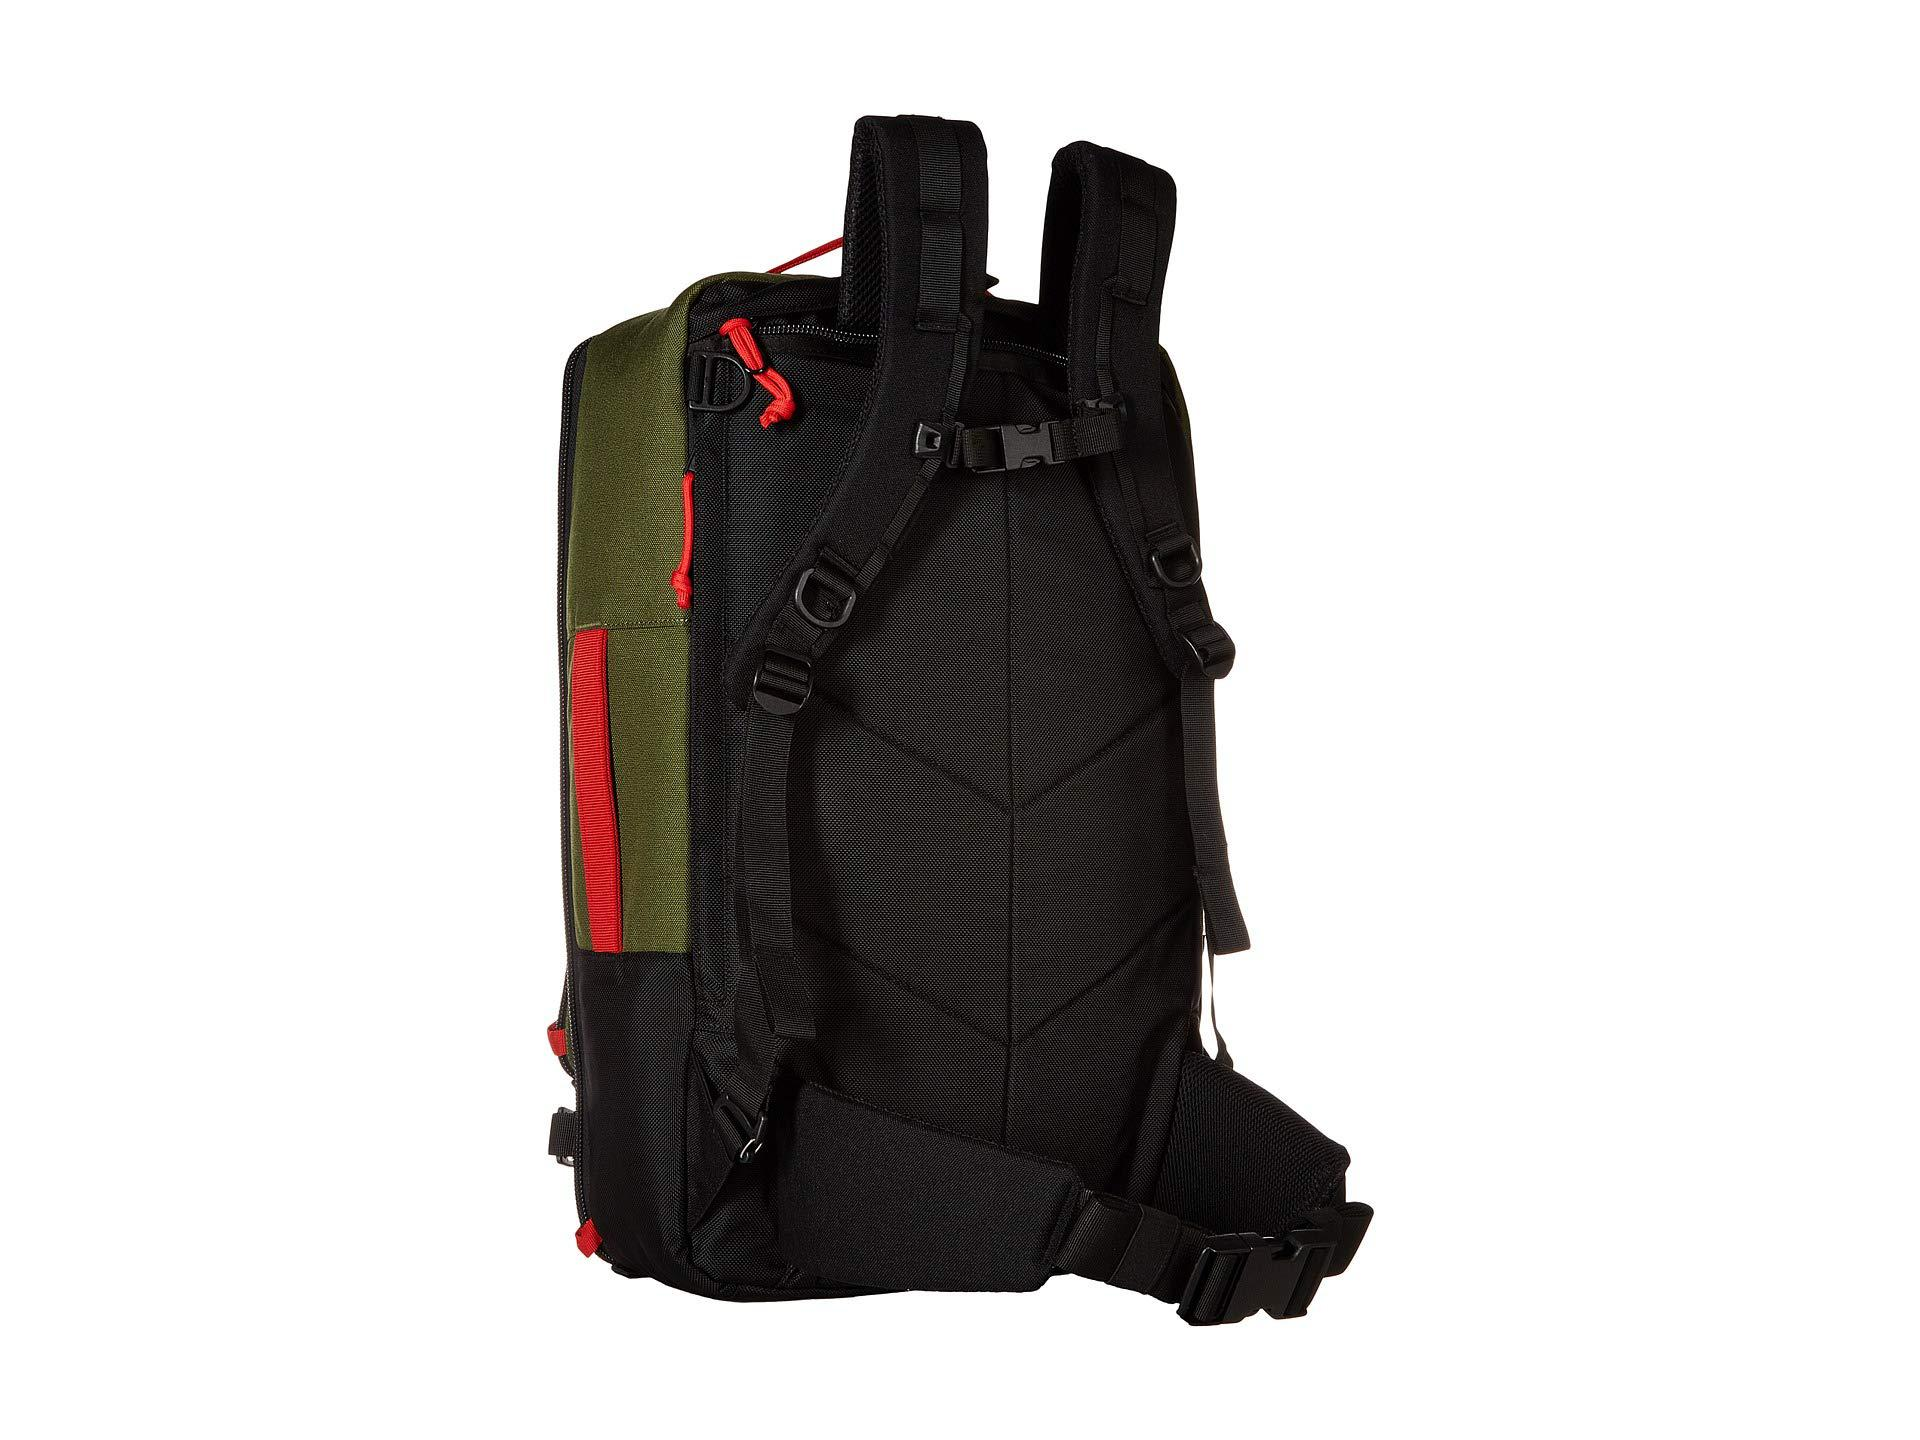 Lyst - Topo Designs Travel Bag 40l (olive) Bags in Green for Men af3be1d34c